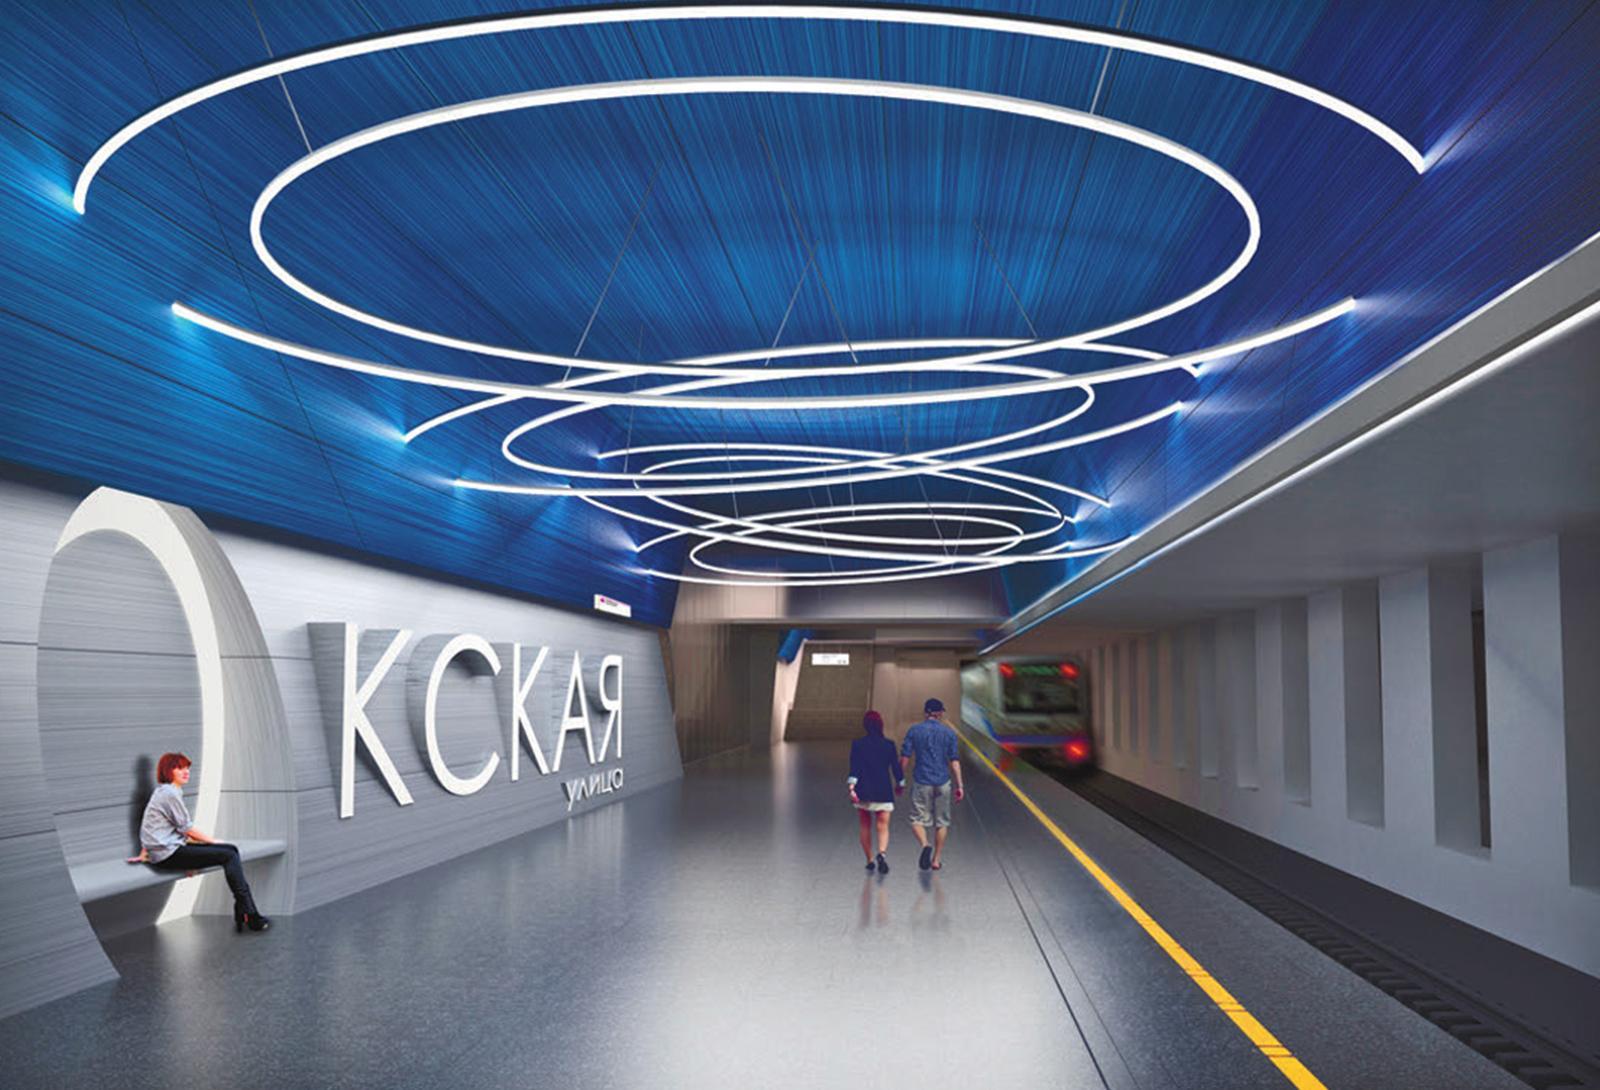 Свое название новой станции метро дала Окская улица, которая в свою очередь была названа так в 1964 году в честь реки Оки. Отсюда и основной мотив в дизайне интерьеров станции— круги на воде, которые будут символизировать кольца-светильники. Для интерьеров станции выбрана сине-серая гамма